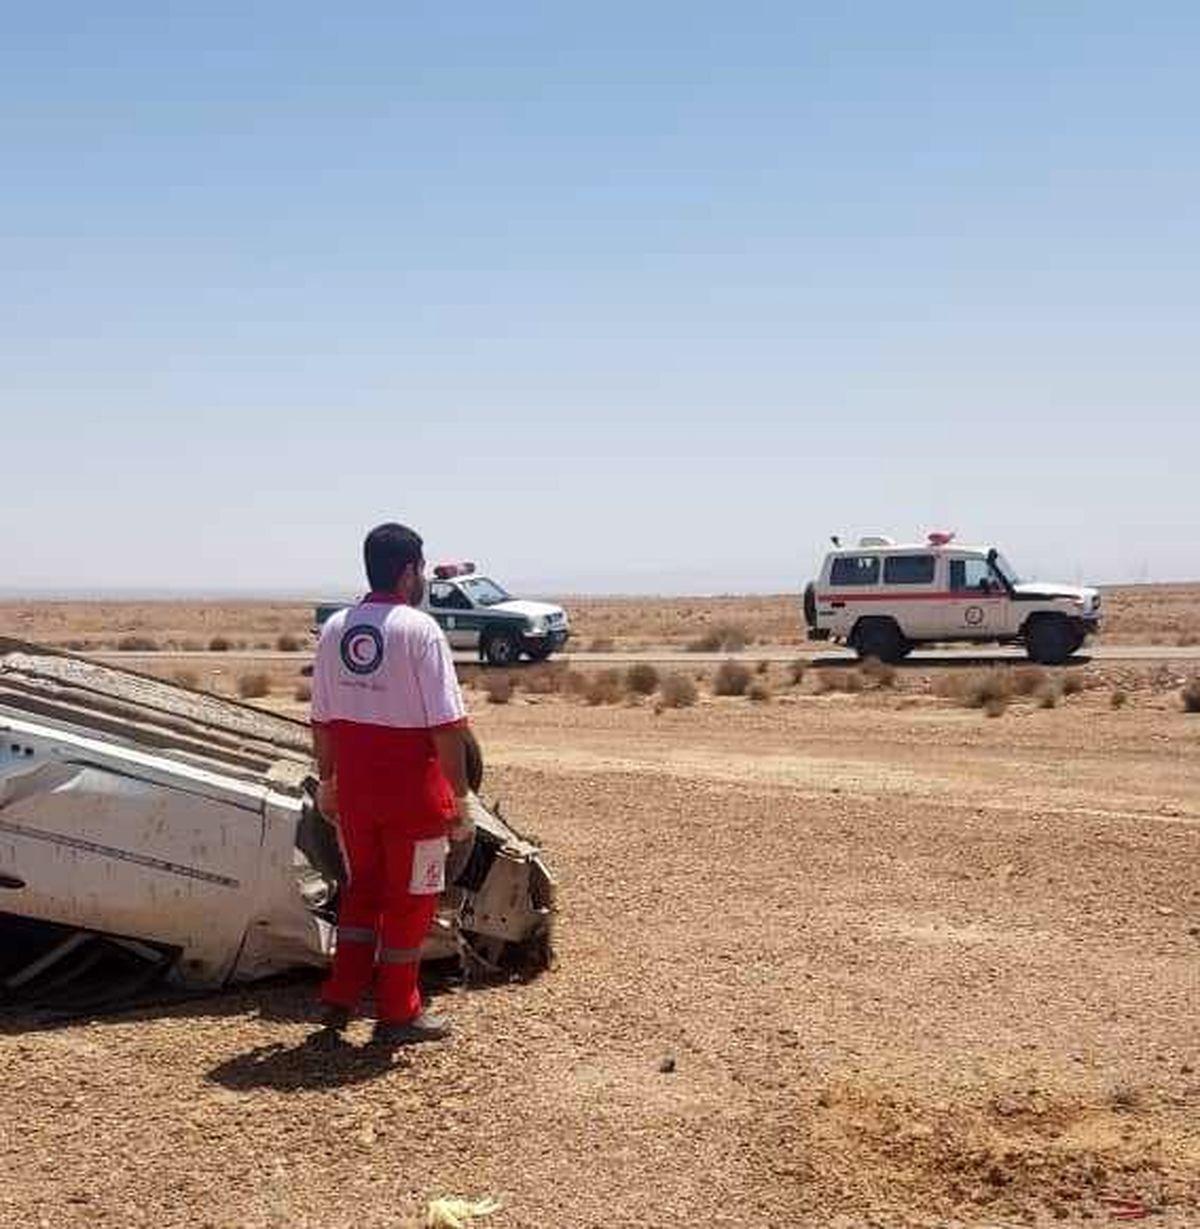 یک مصدوم و یک فوتی در حادثه واژگونی خودرو سواری ال 90 در محور اردکان به نایین